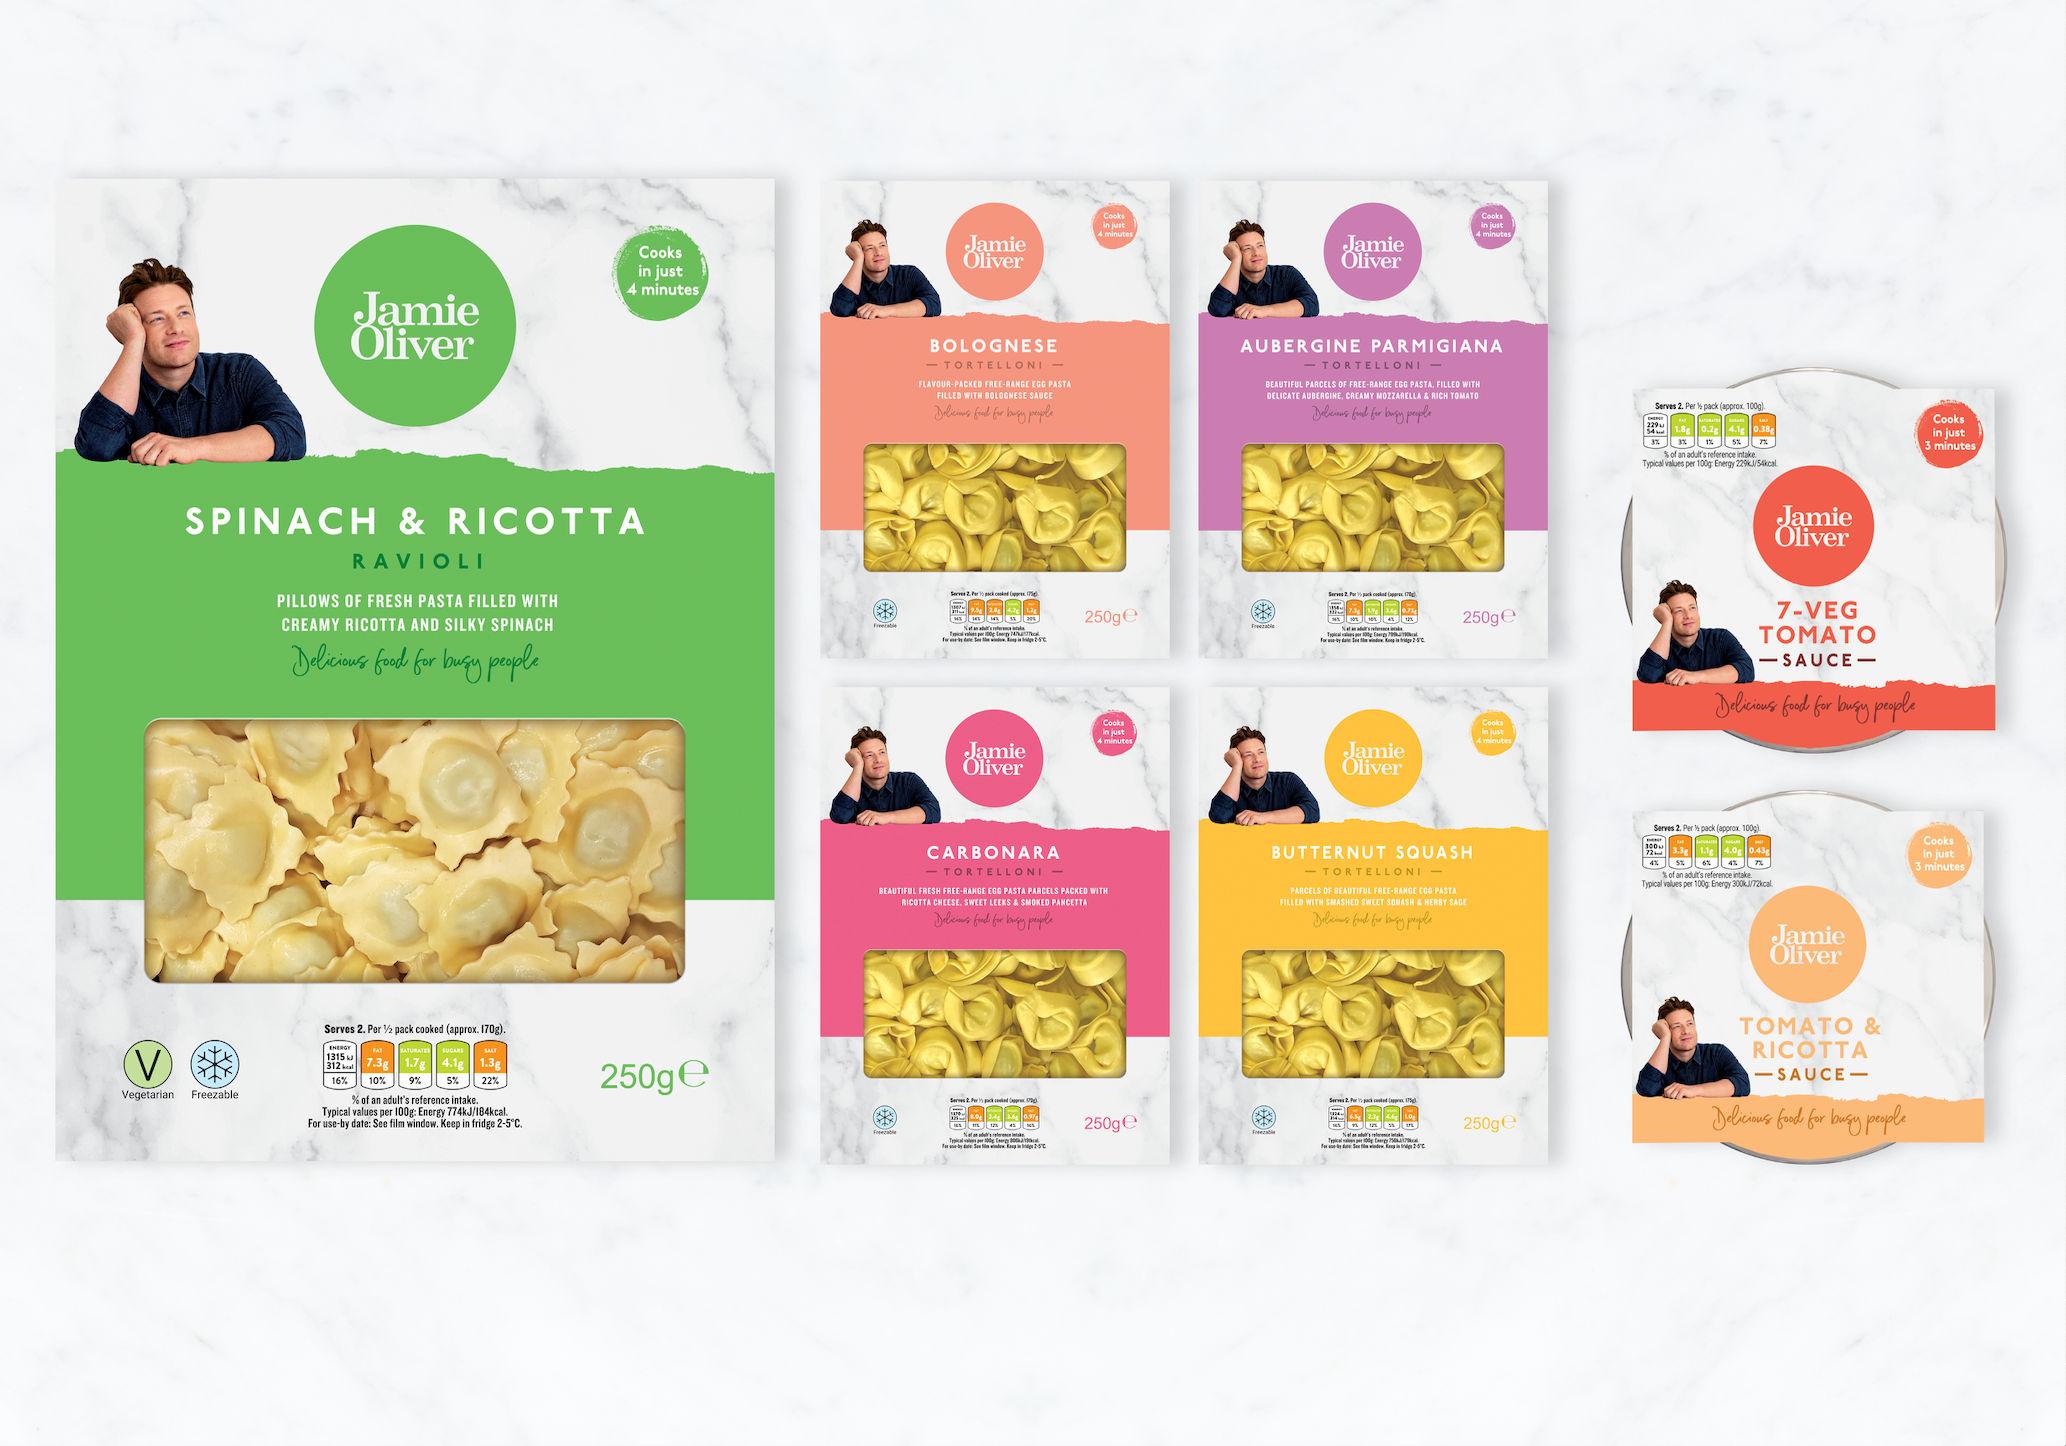 Jamie Oliver's new range of pasta